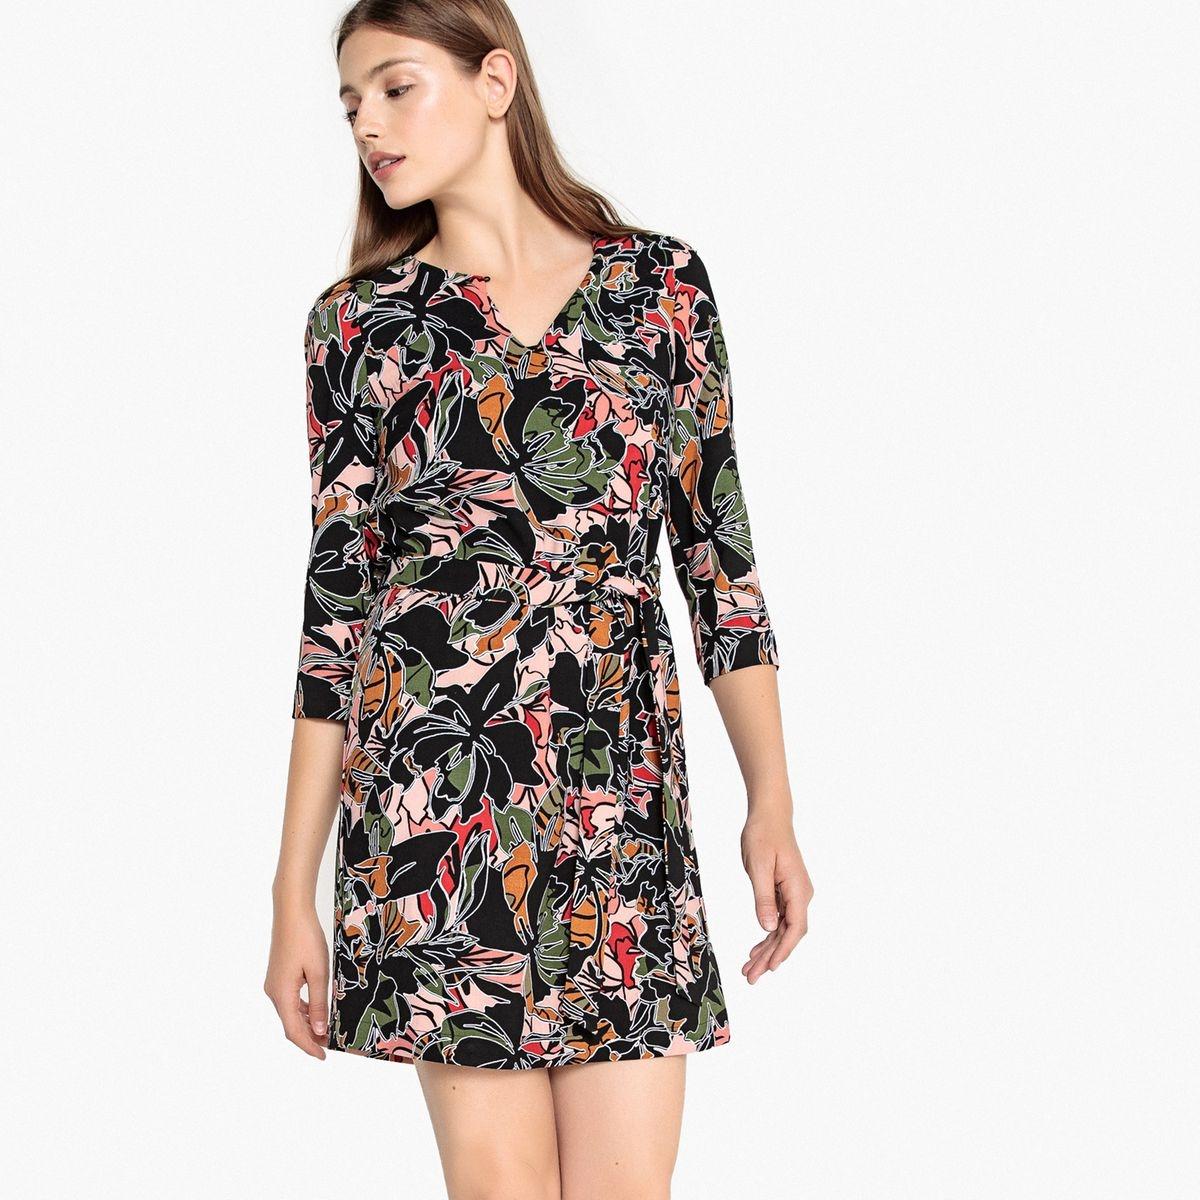 Robe imprimé floral, manches 3/4, ceinture CANDY